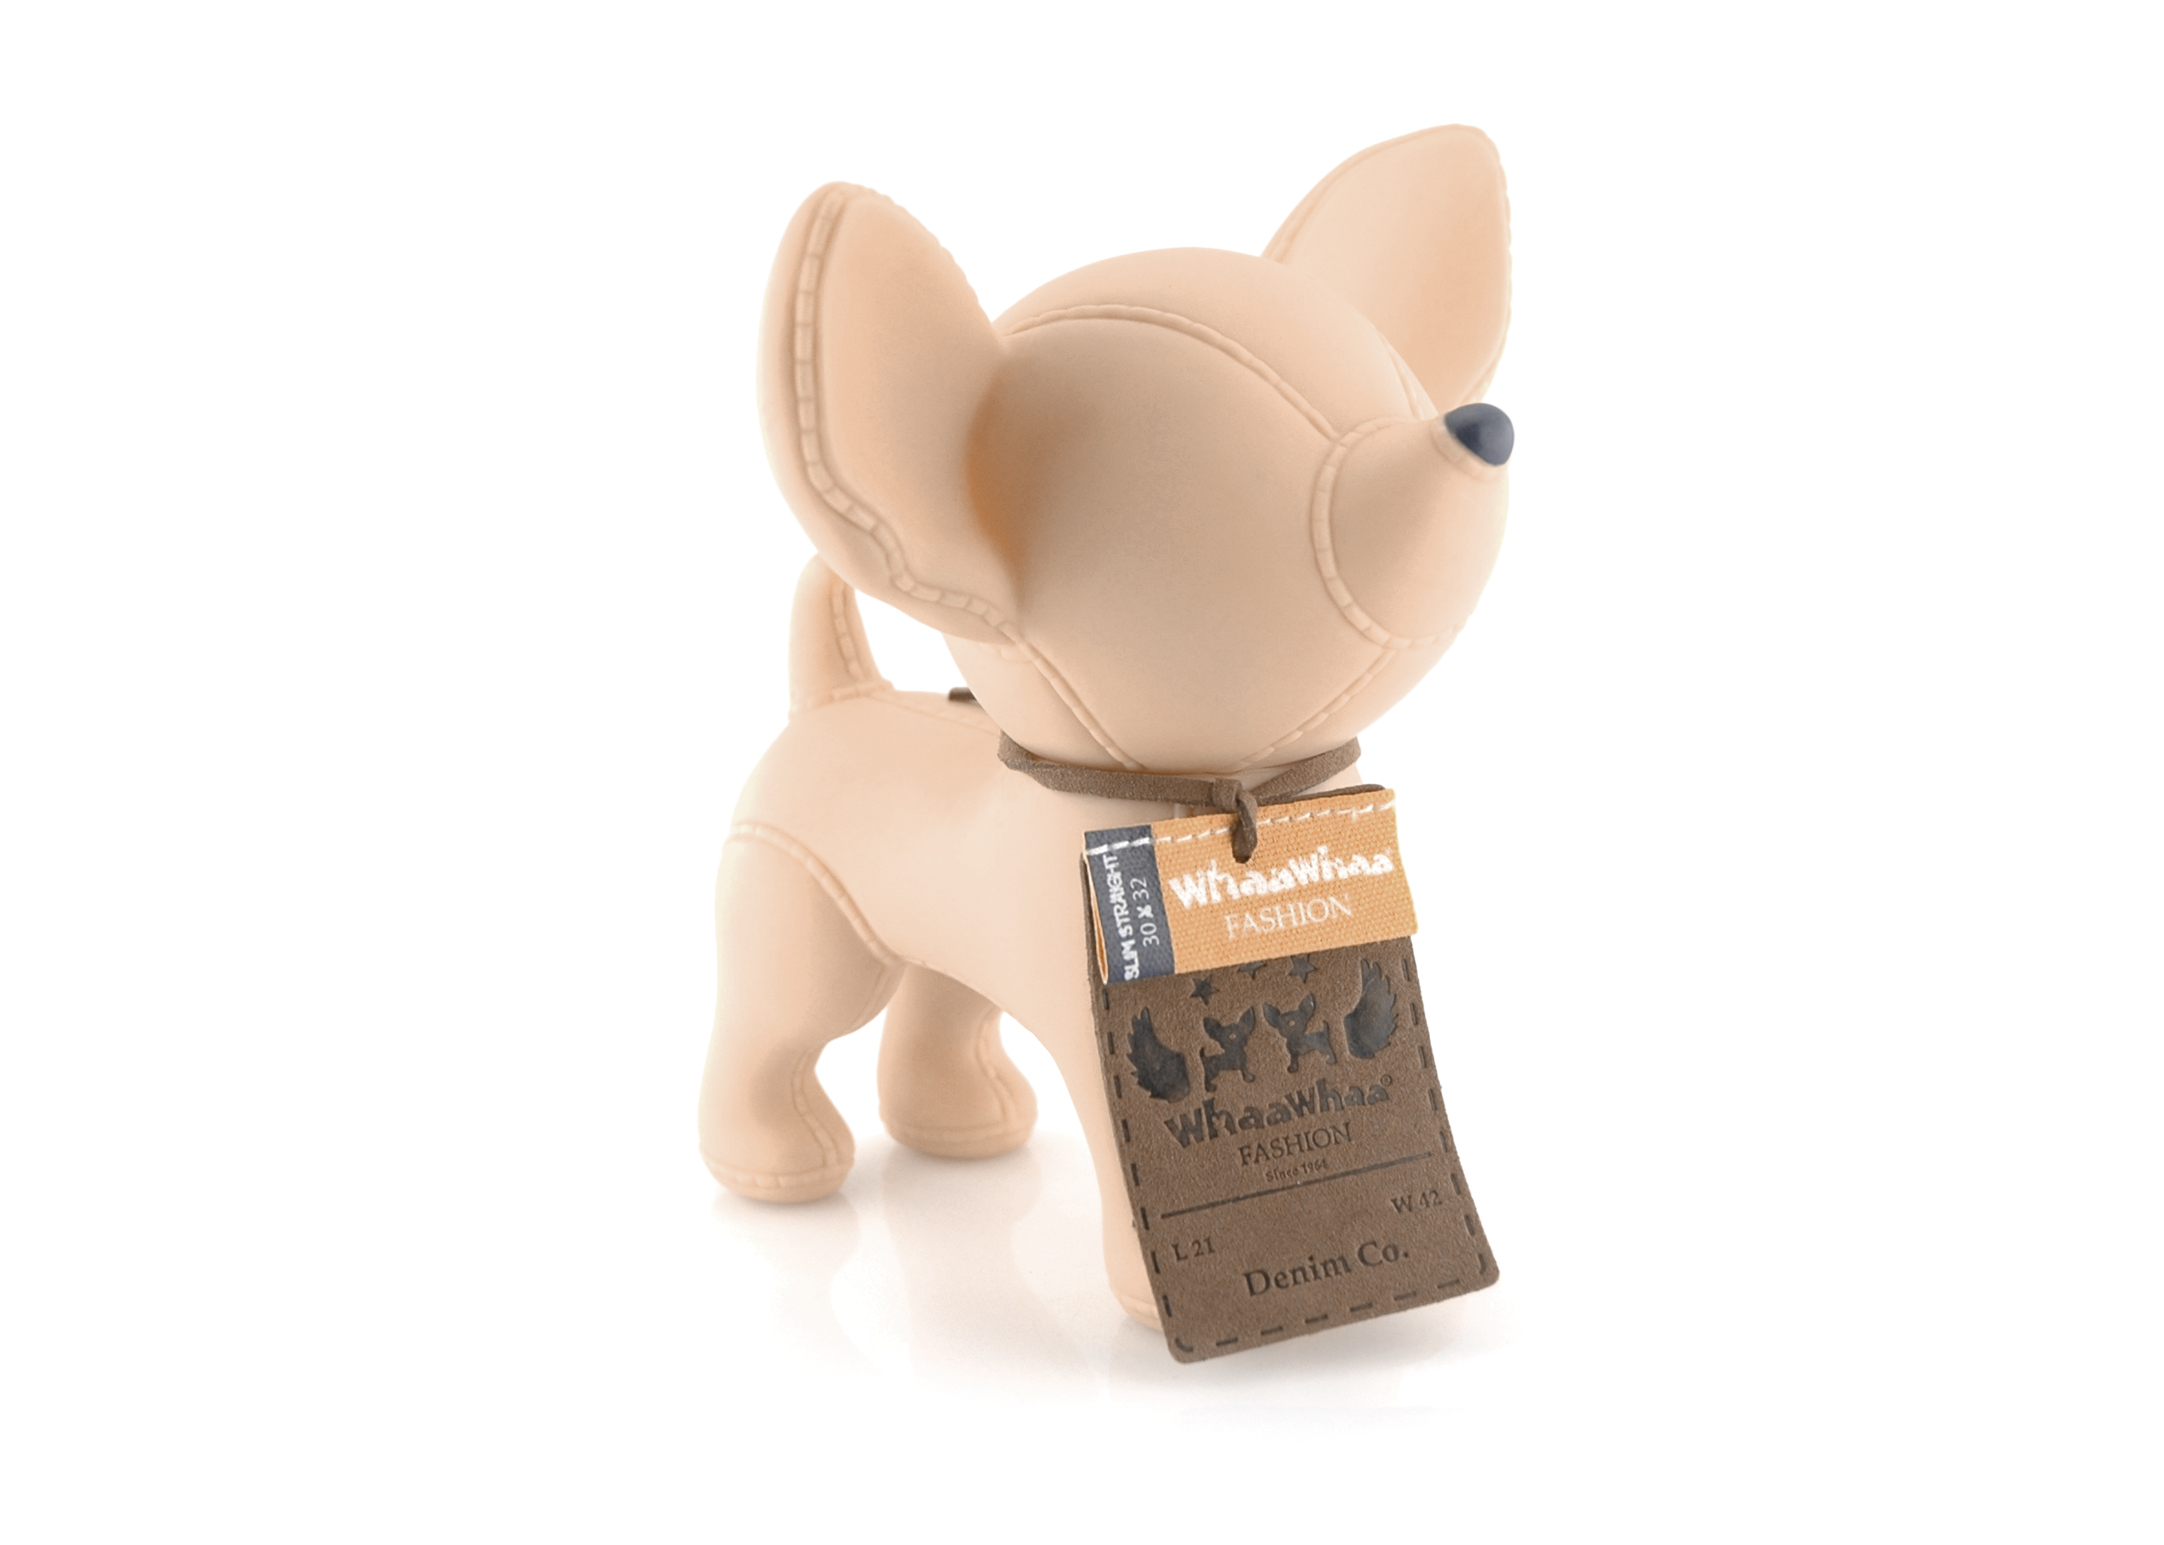 Whaa Whaa Doggybank Chihuahua Denim Money-Box